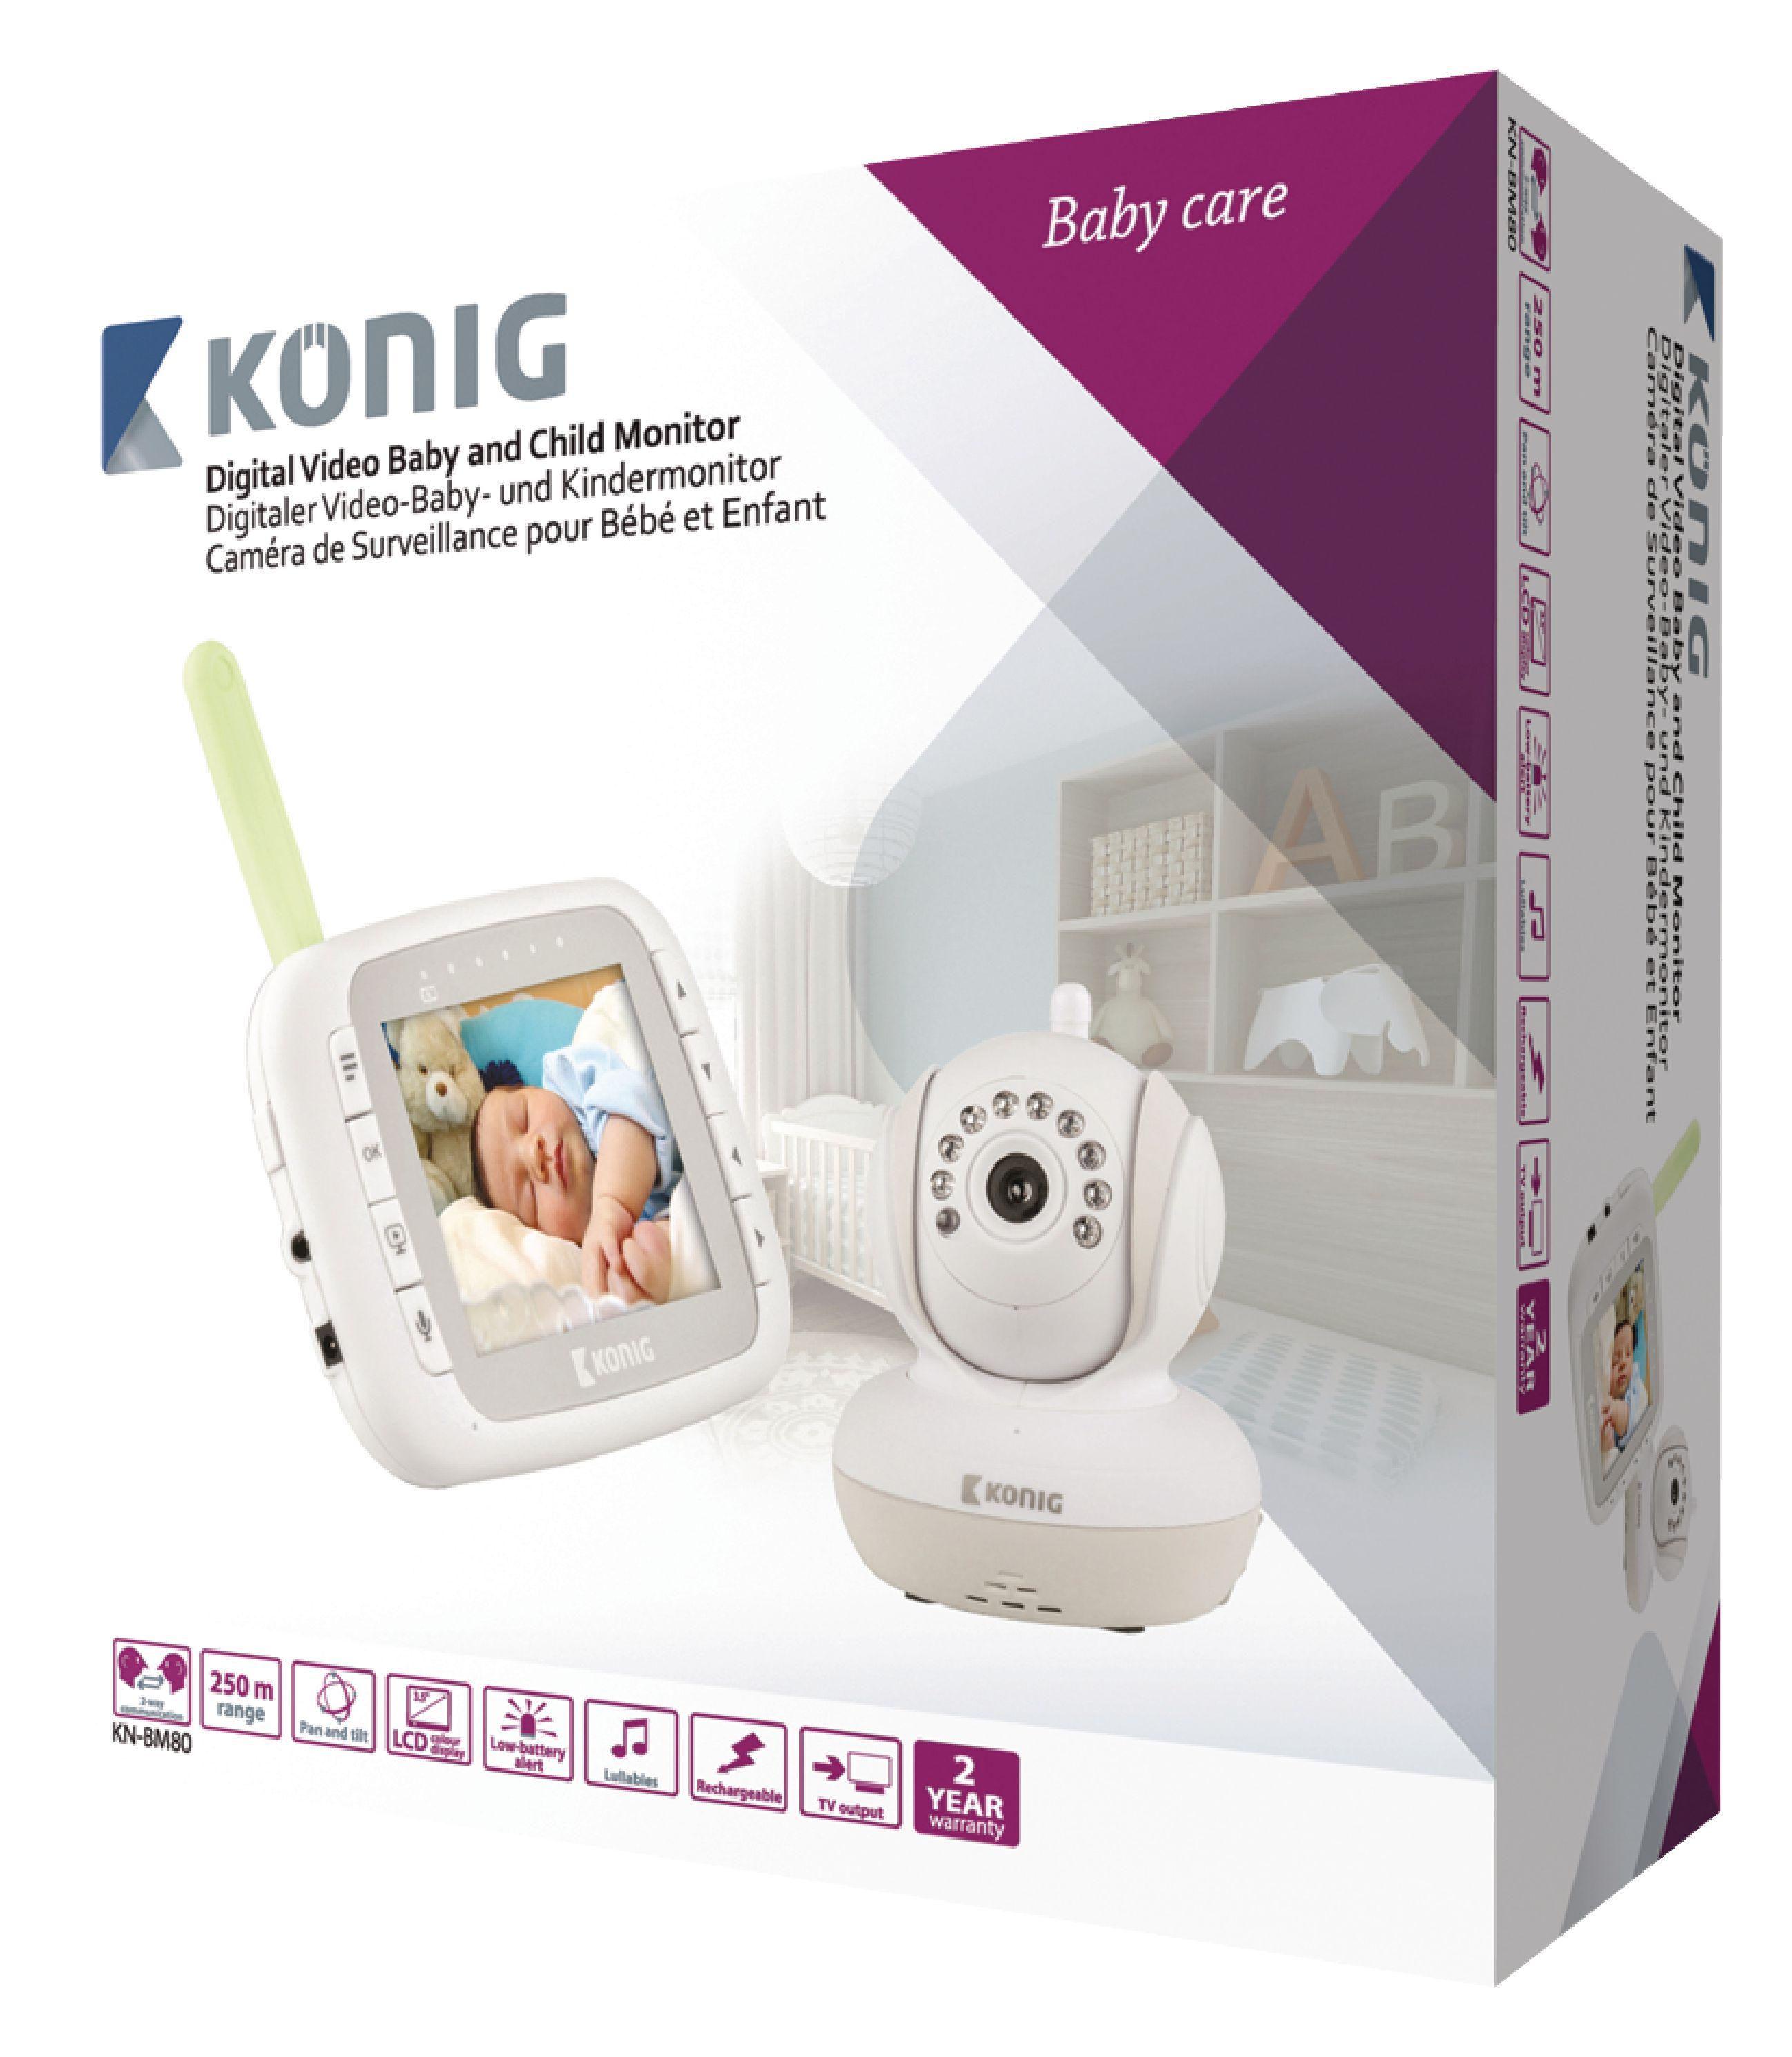 kn bm80 k nig moniteur de surveillance pour b b audio video 2 4 ghz blanc gris. Black Bedroom Furniture Sets. Home Design Ideas